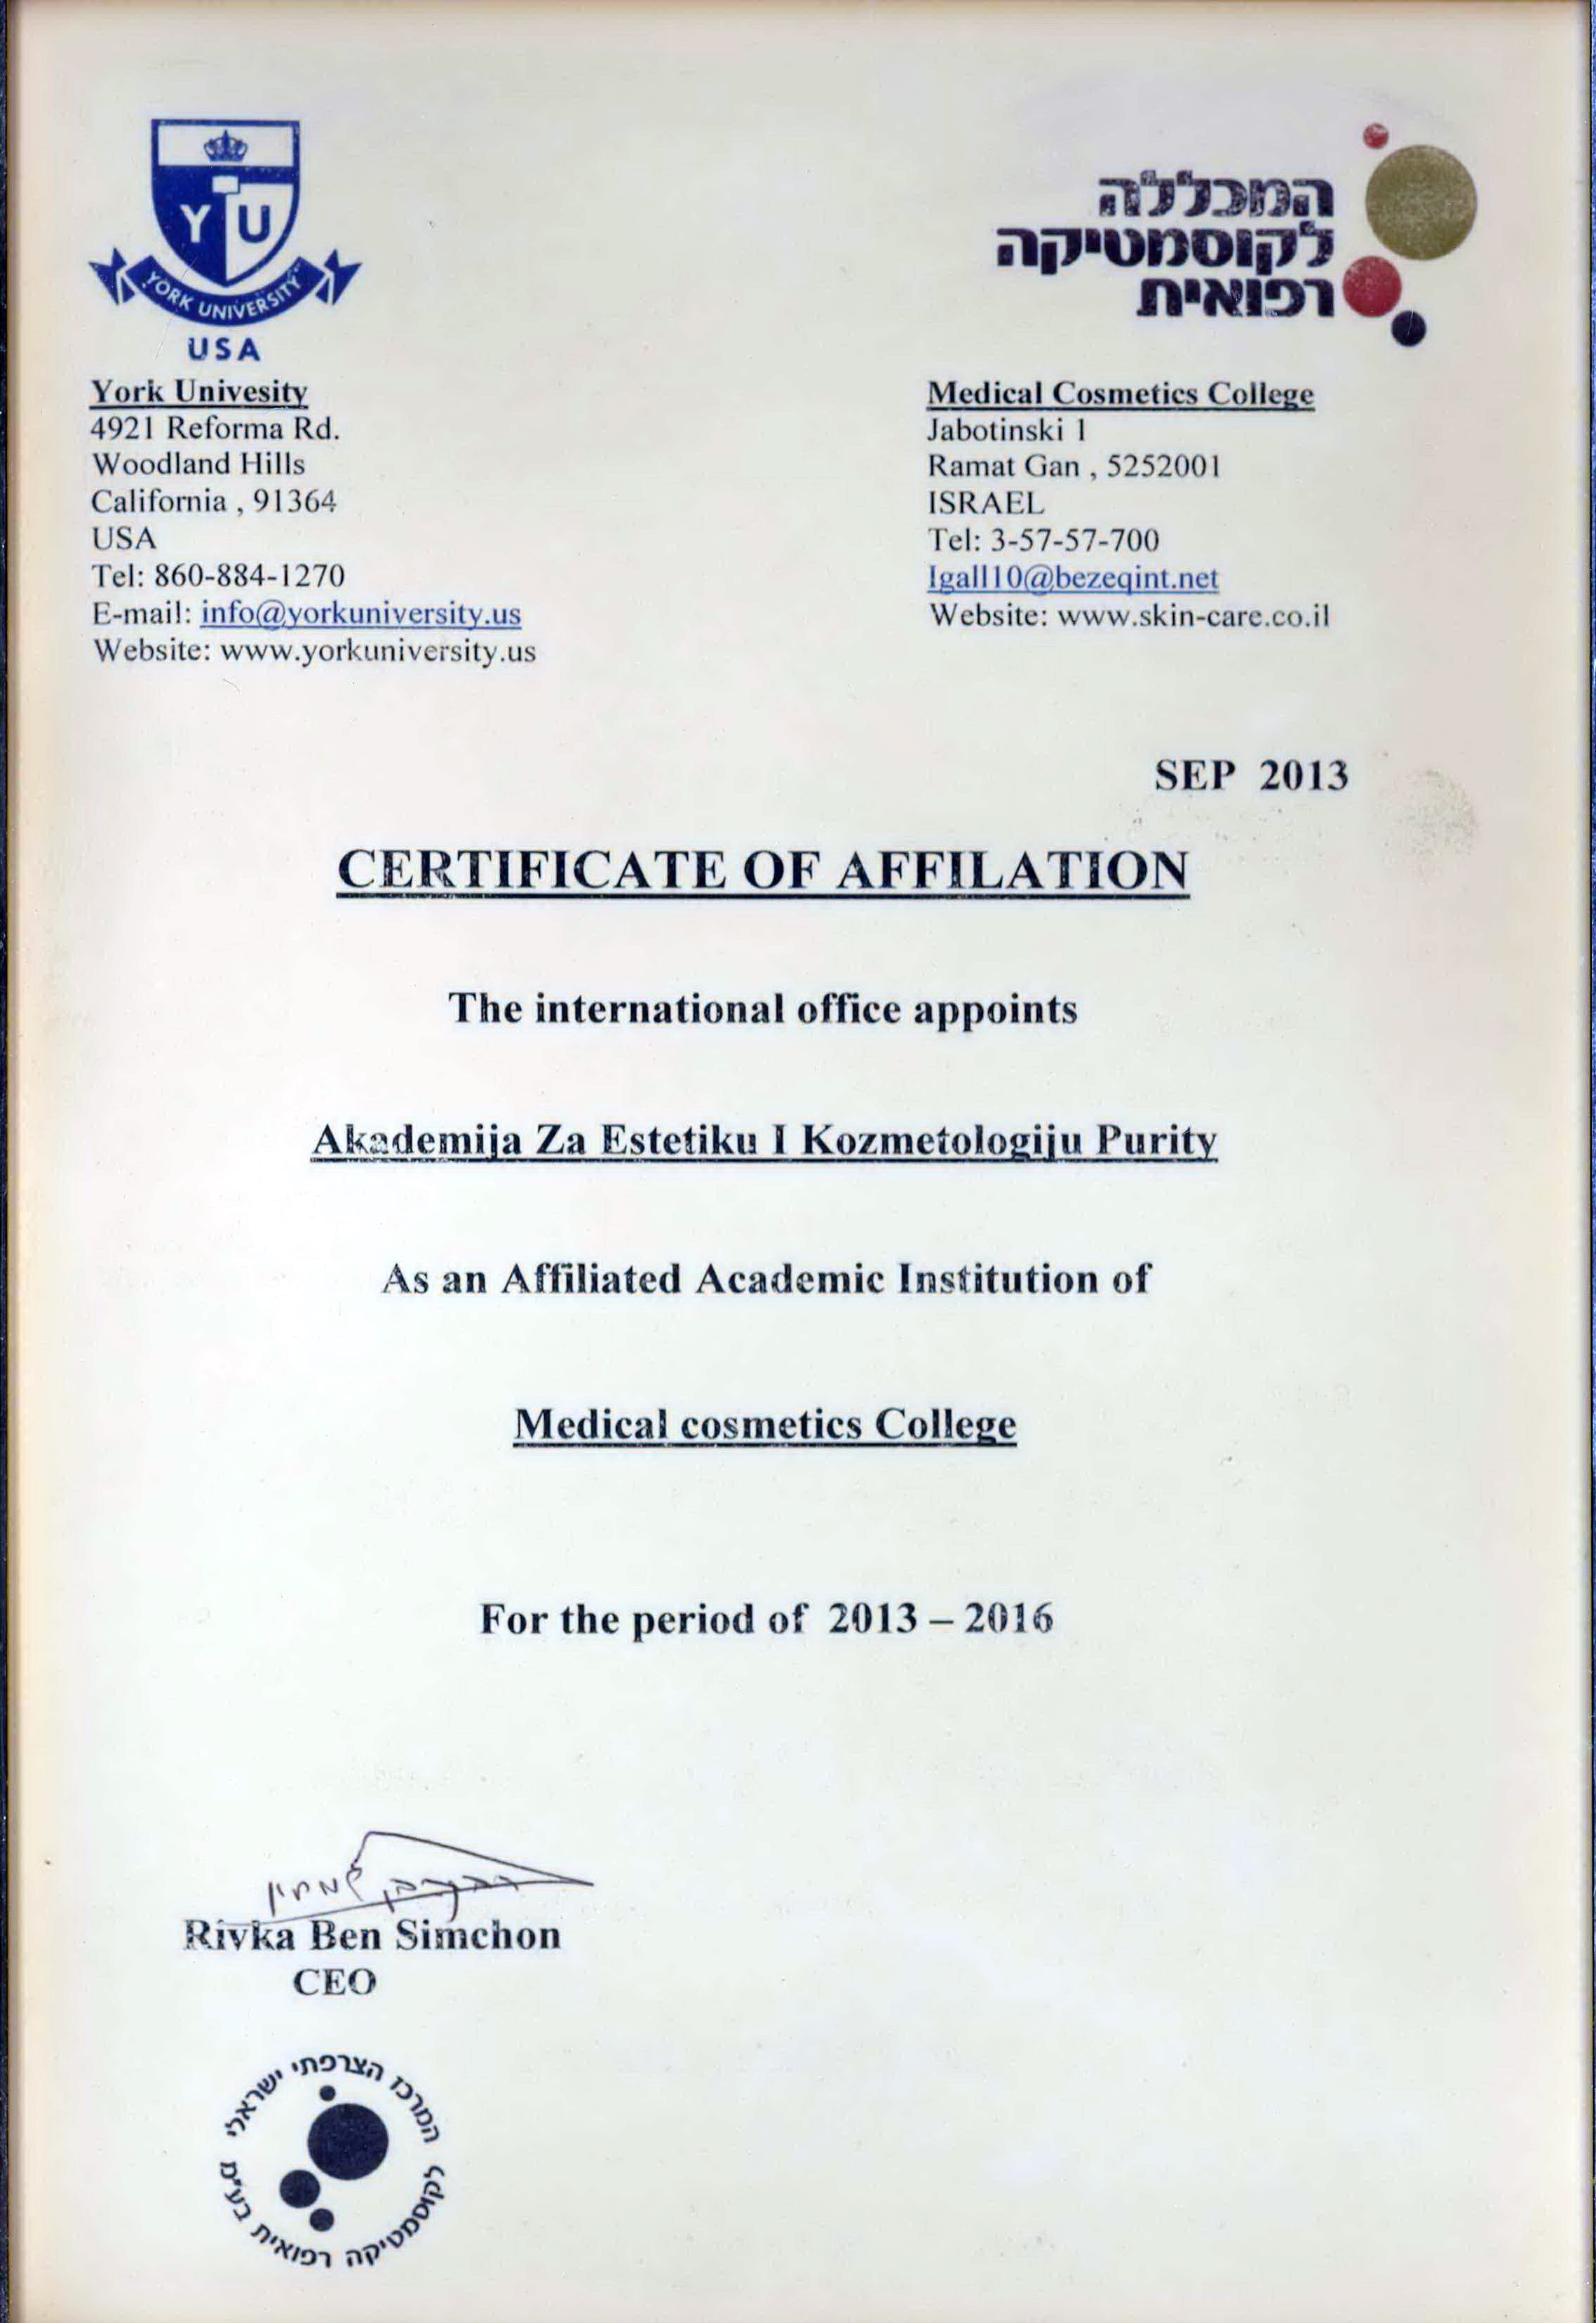 Dozvola o predstavljanju za jugoistočnu Evropu od od York Univerziteta i Fakulteta za medicinsku kozmetiku Tel Aviv